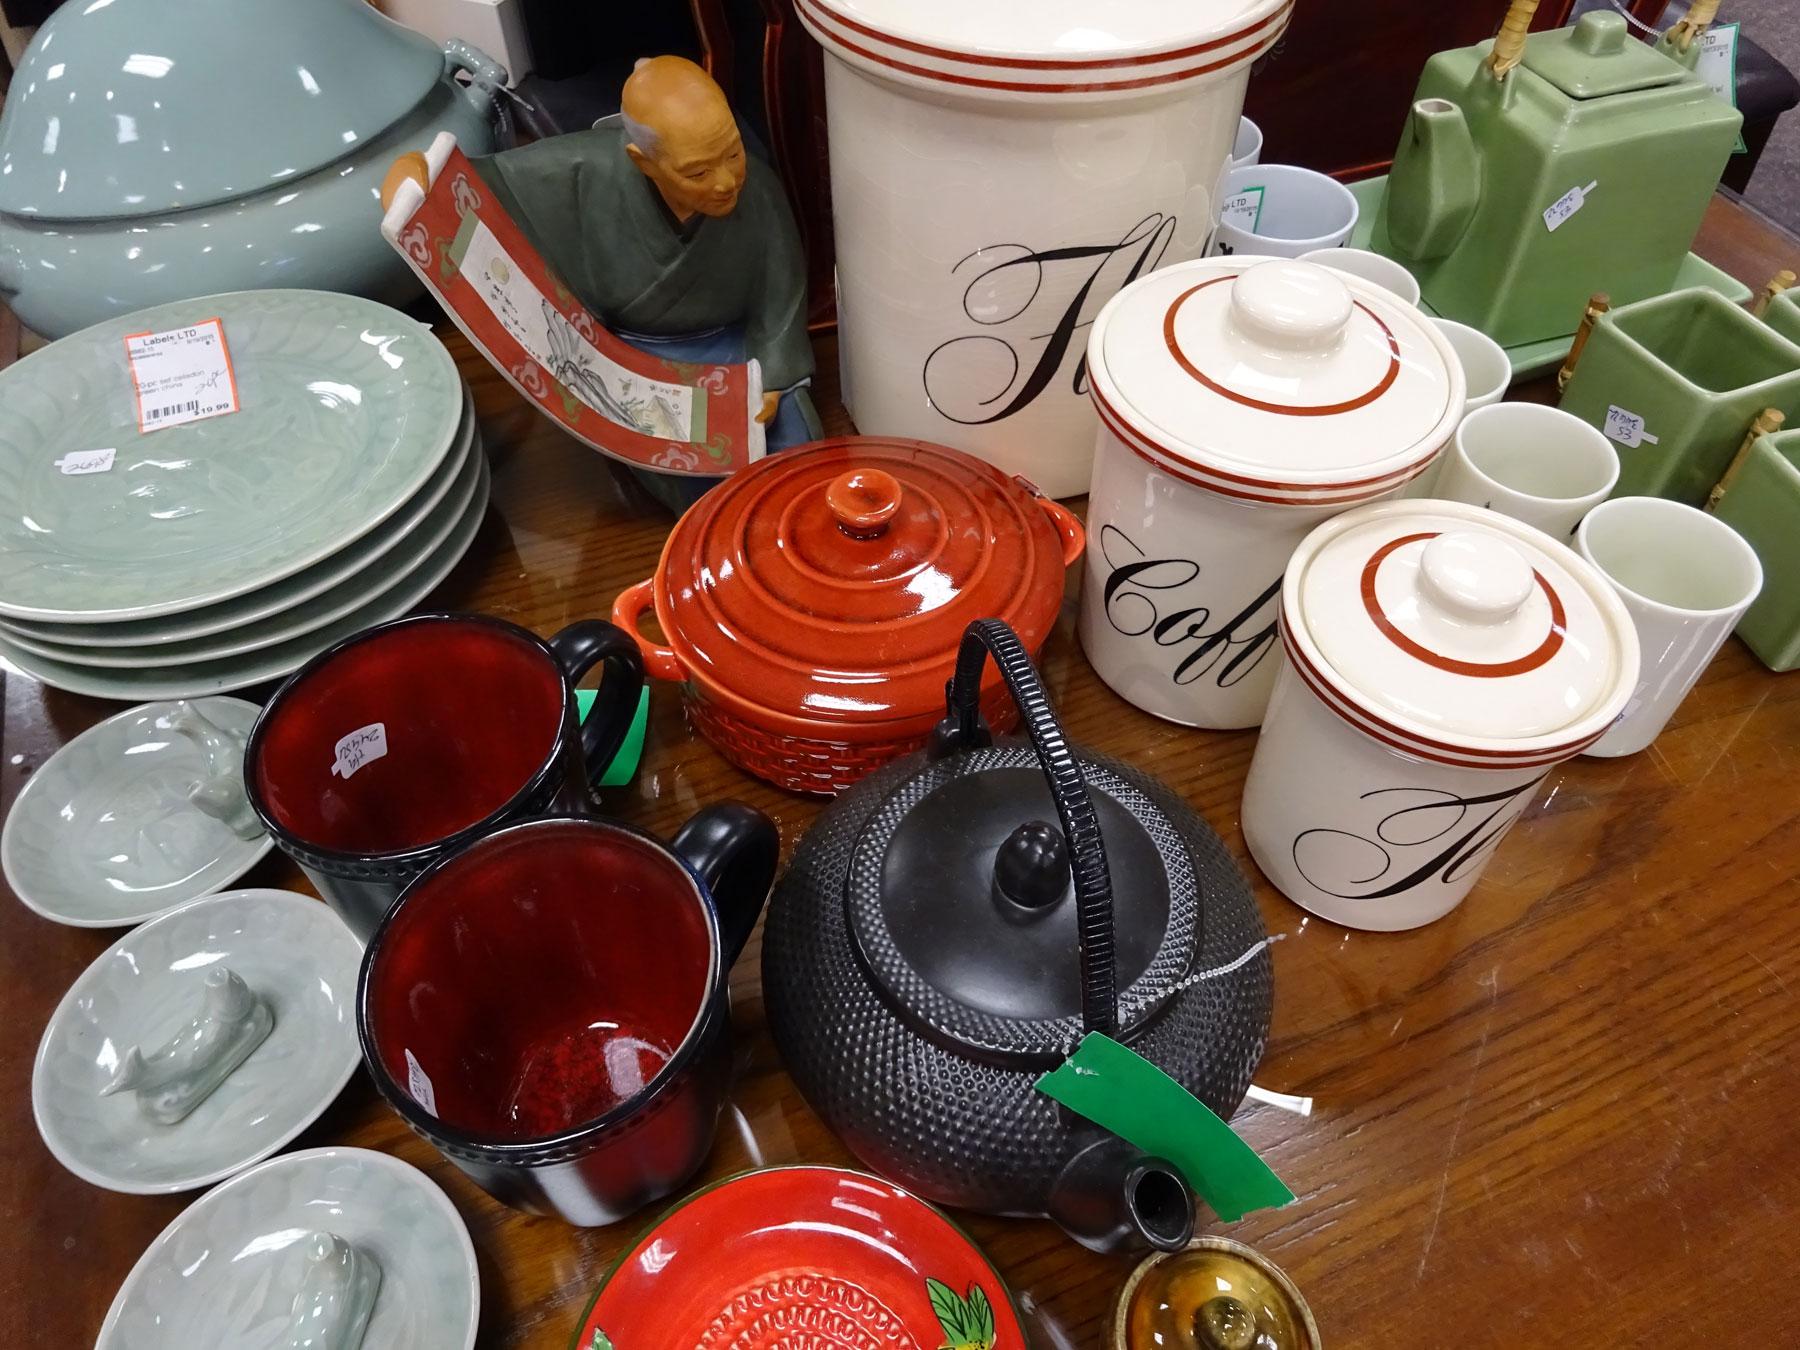 DSC00851-tea-kettles-1800x1350